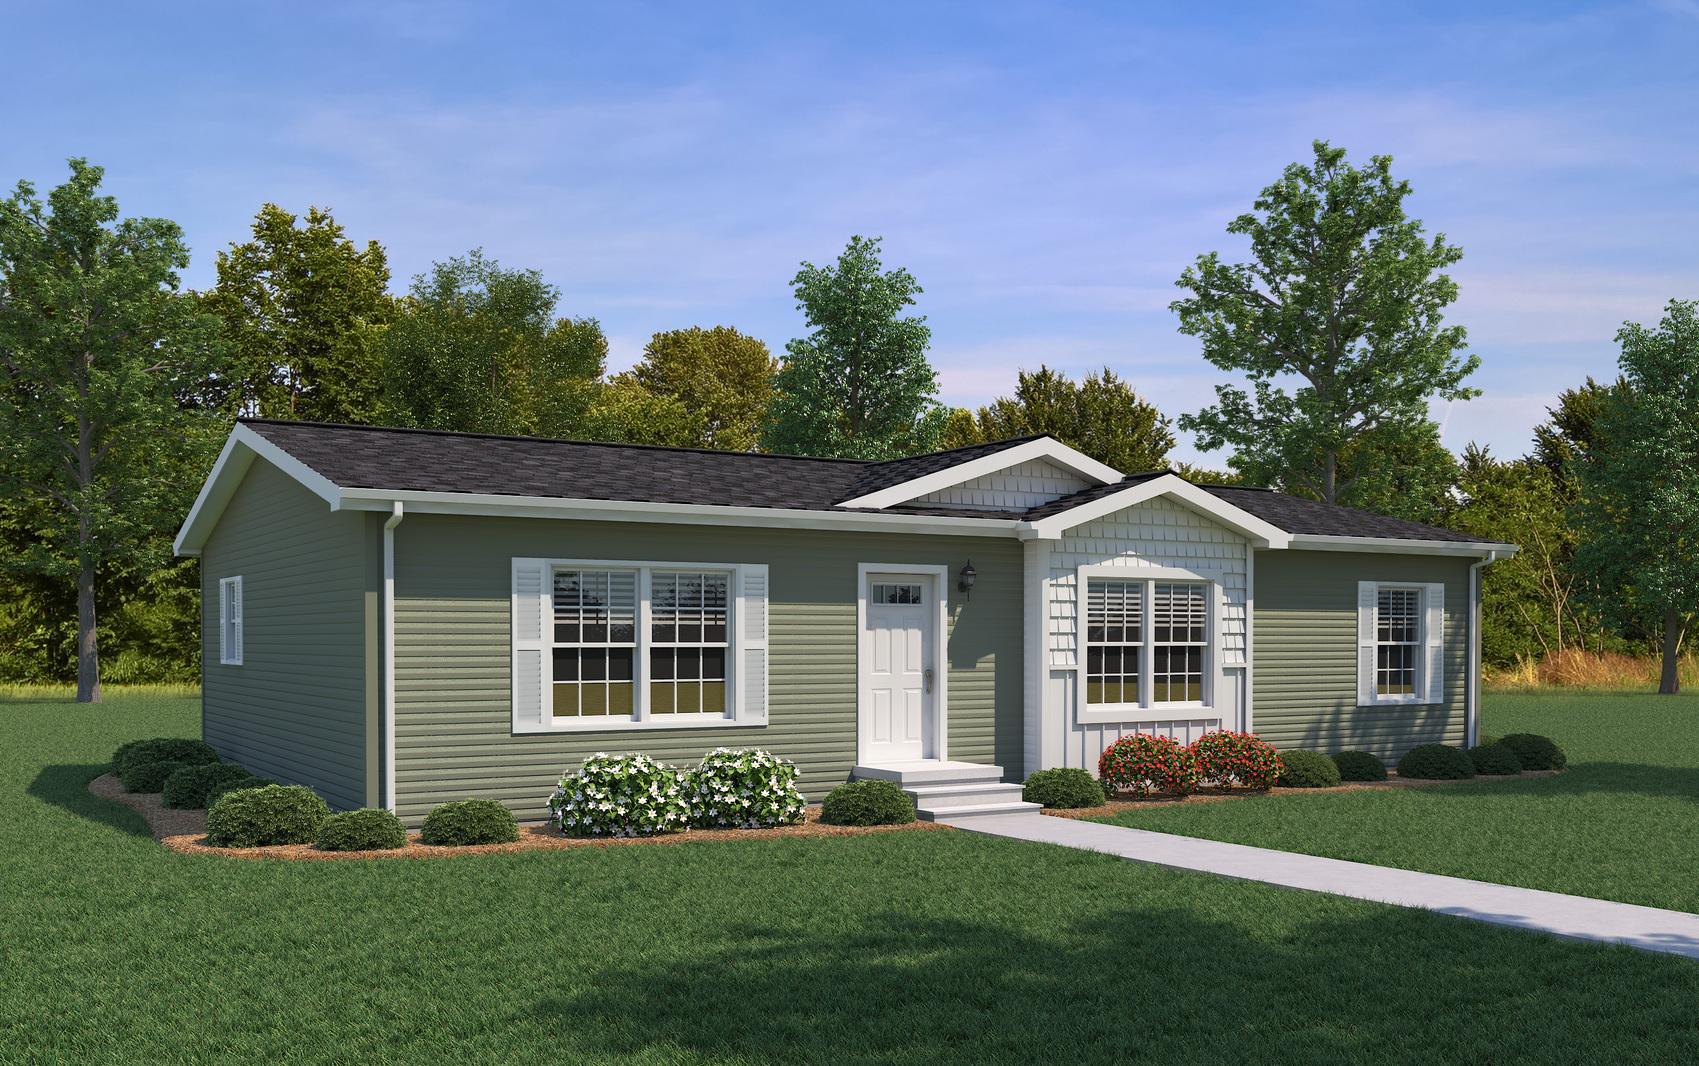 Woodsman home rendering